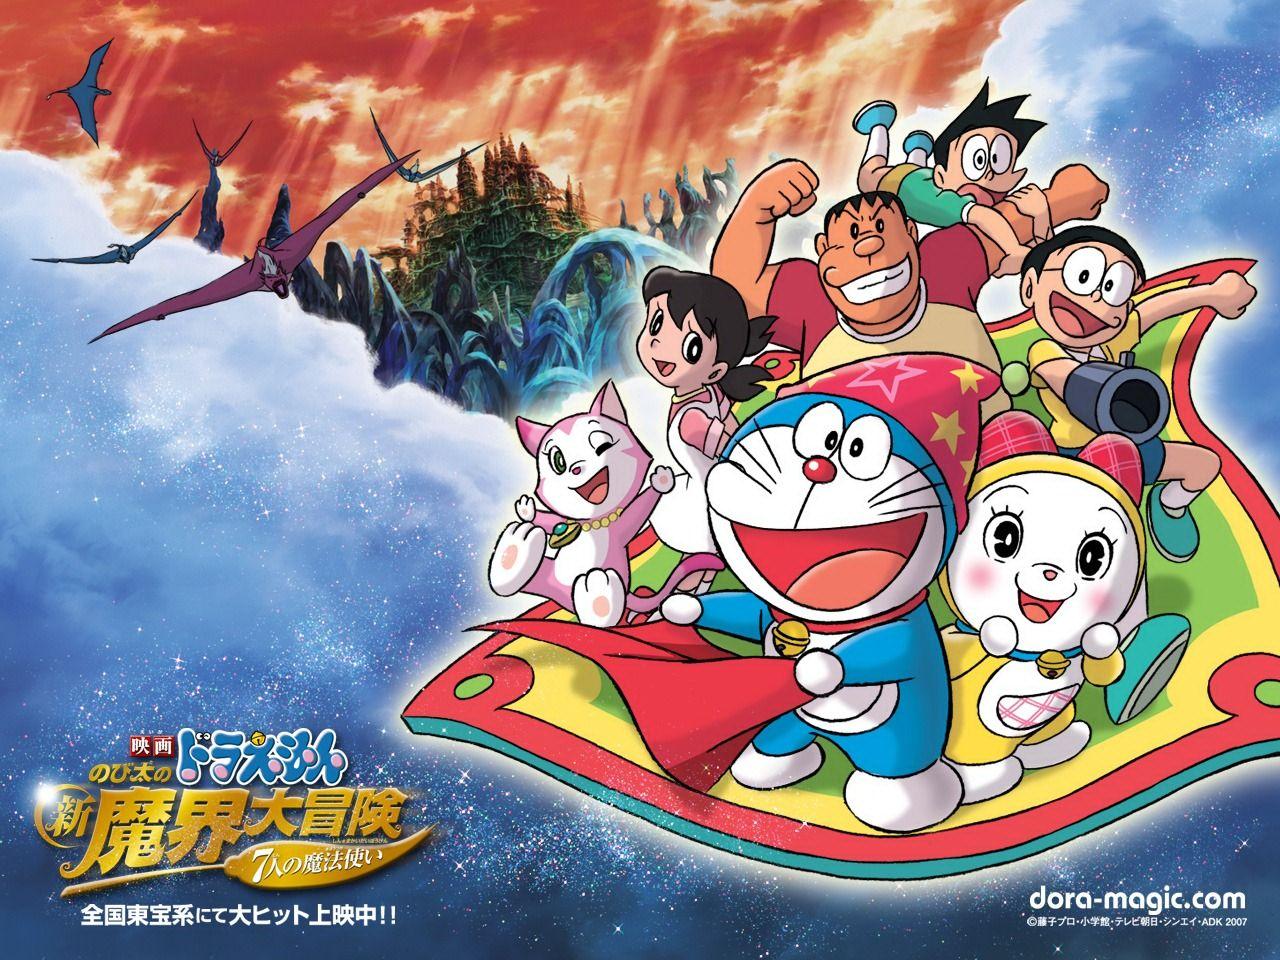 Fujiko Fujio Doraemon Pinterest Doraemon Doraemon Wallpapers